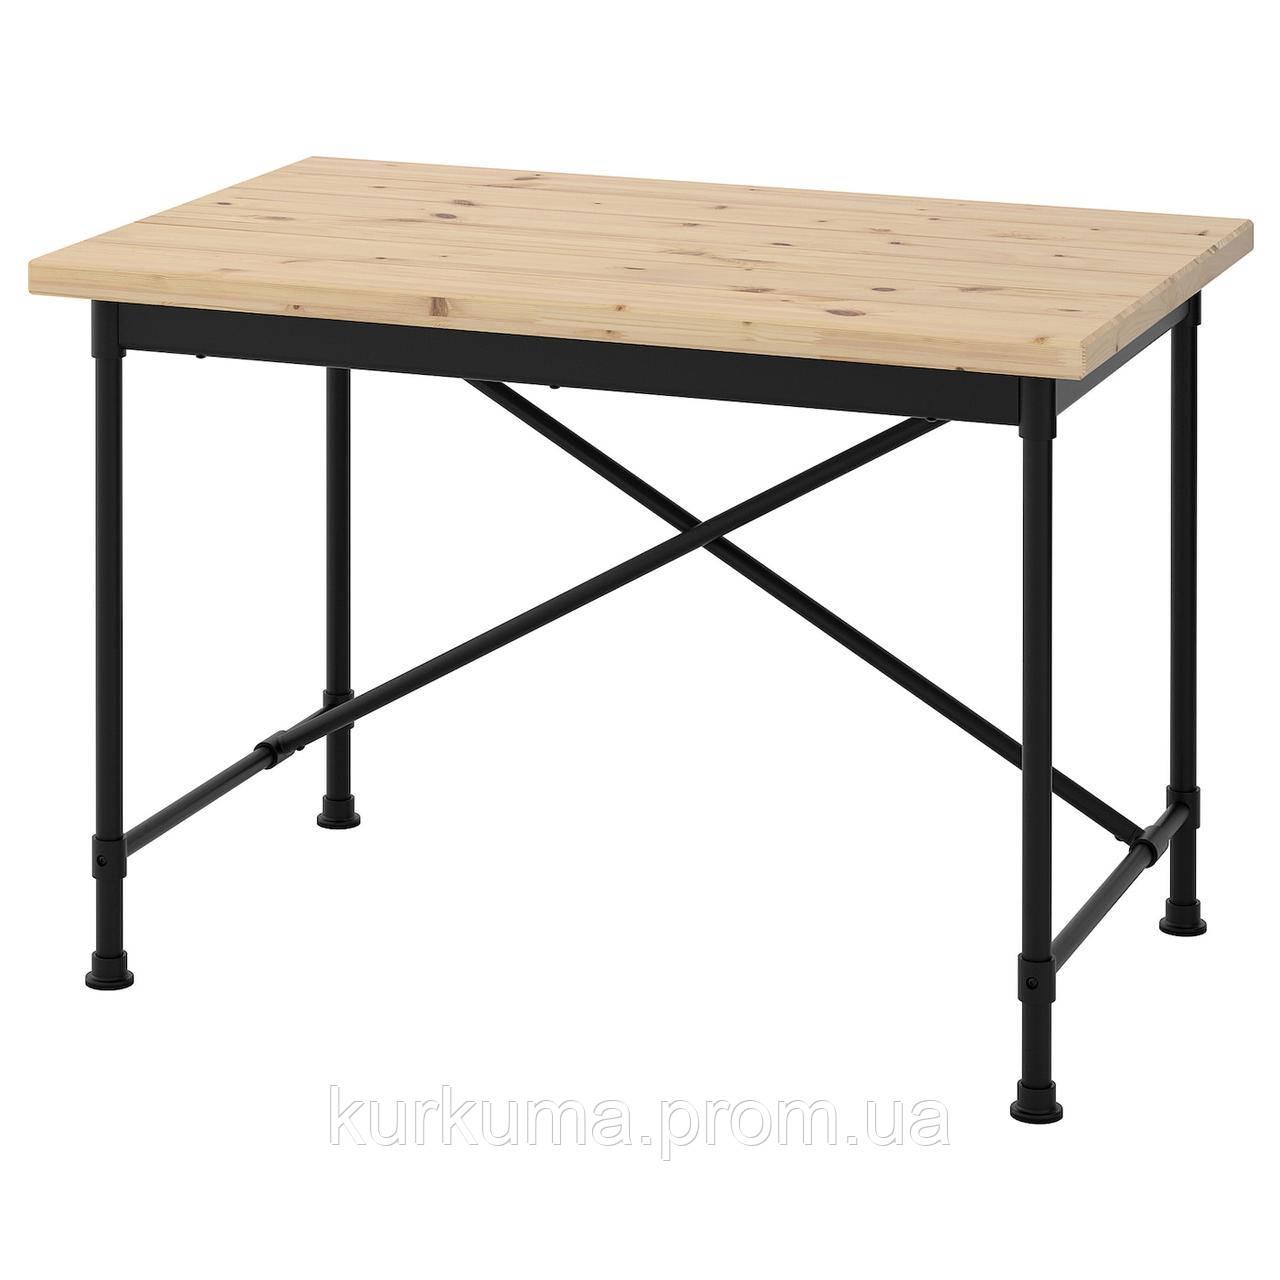 IKEA KULLABERG Стол, сосна, черный, 110x70 см (691.625.99)